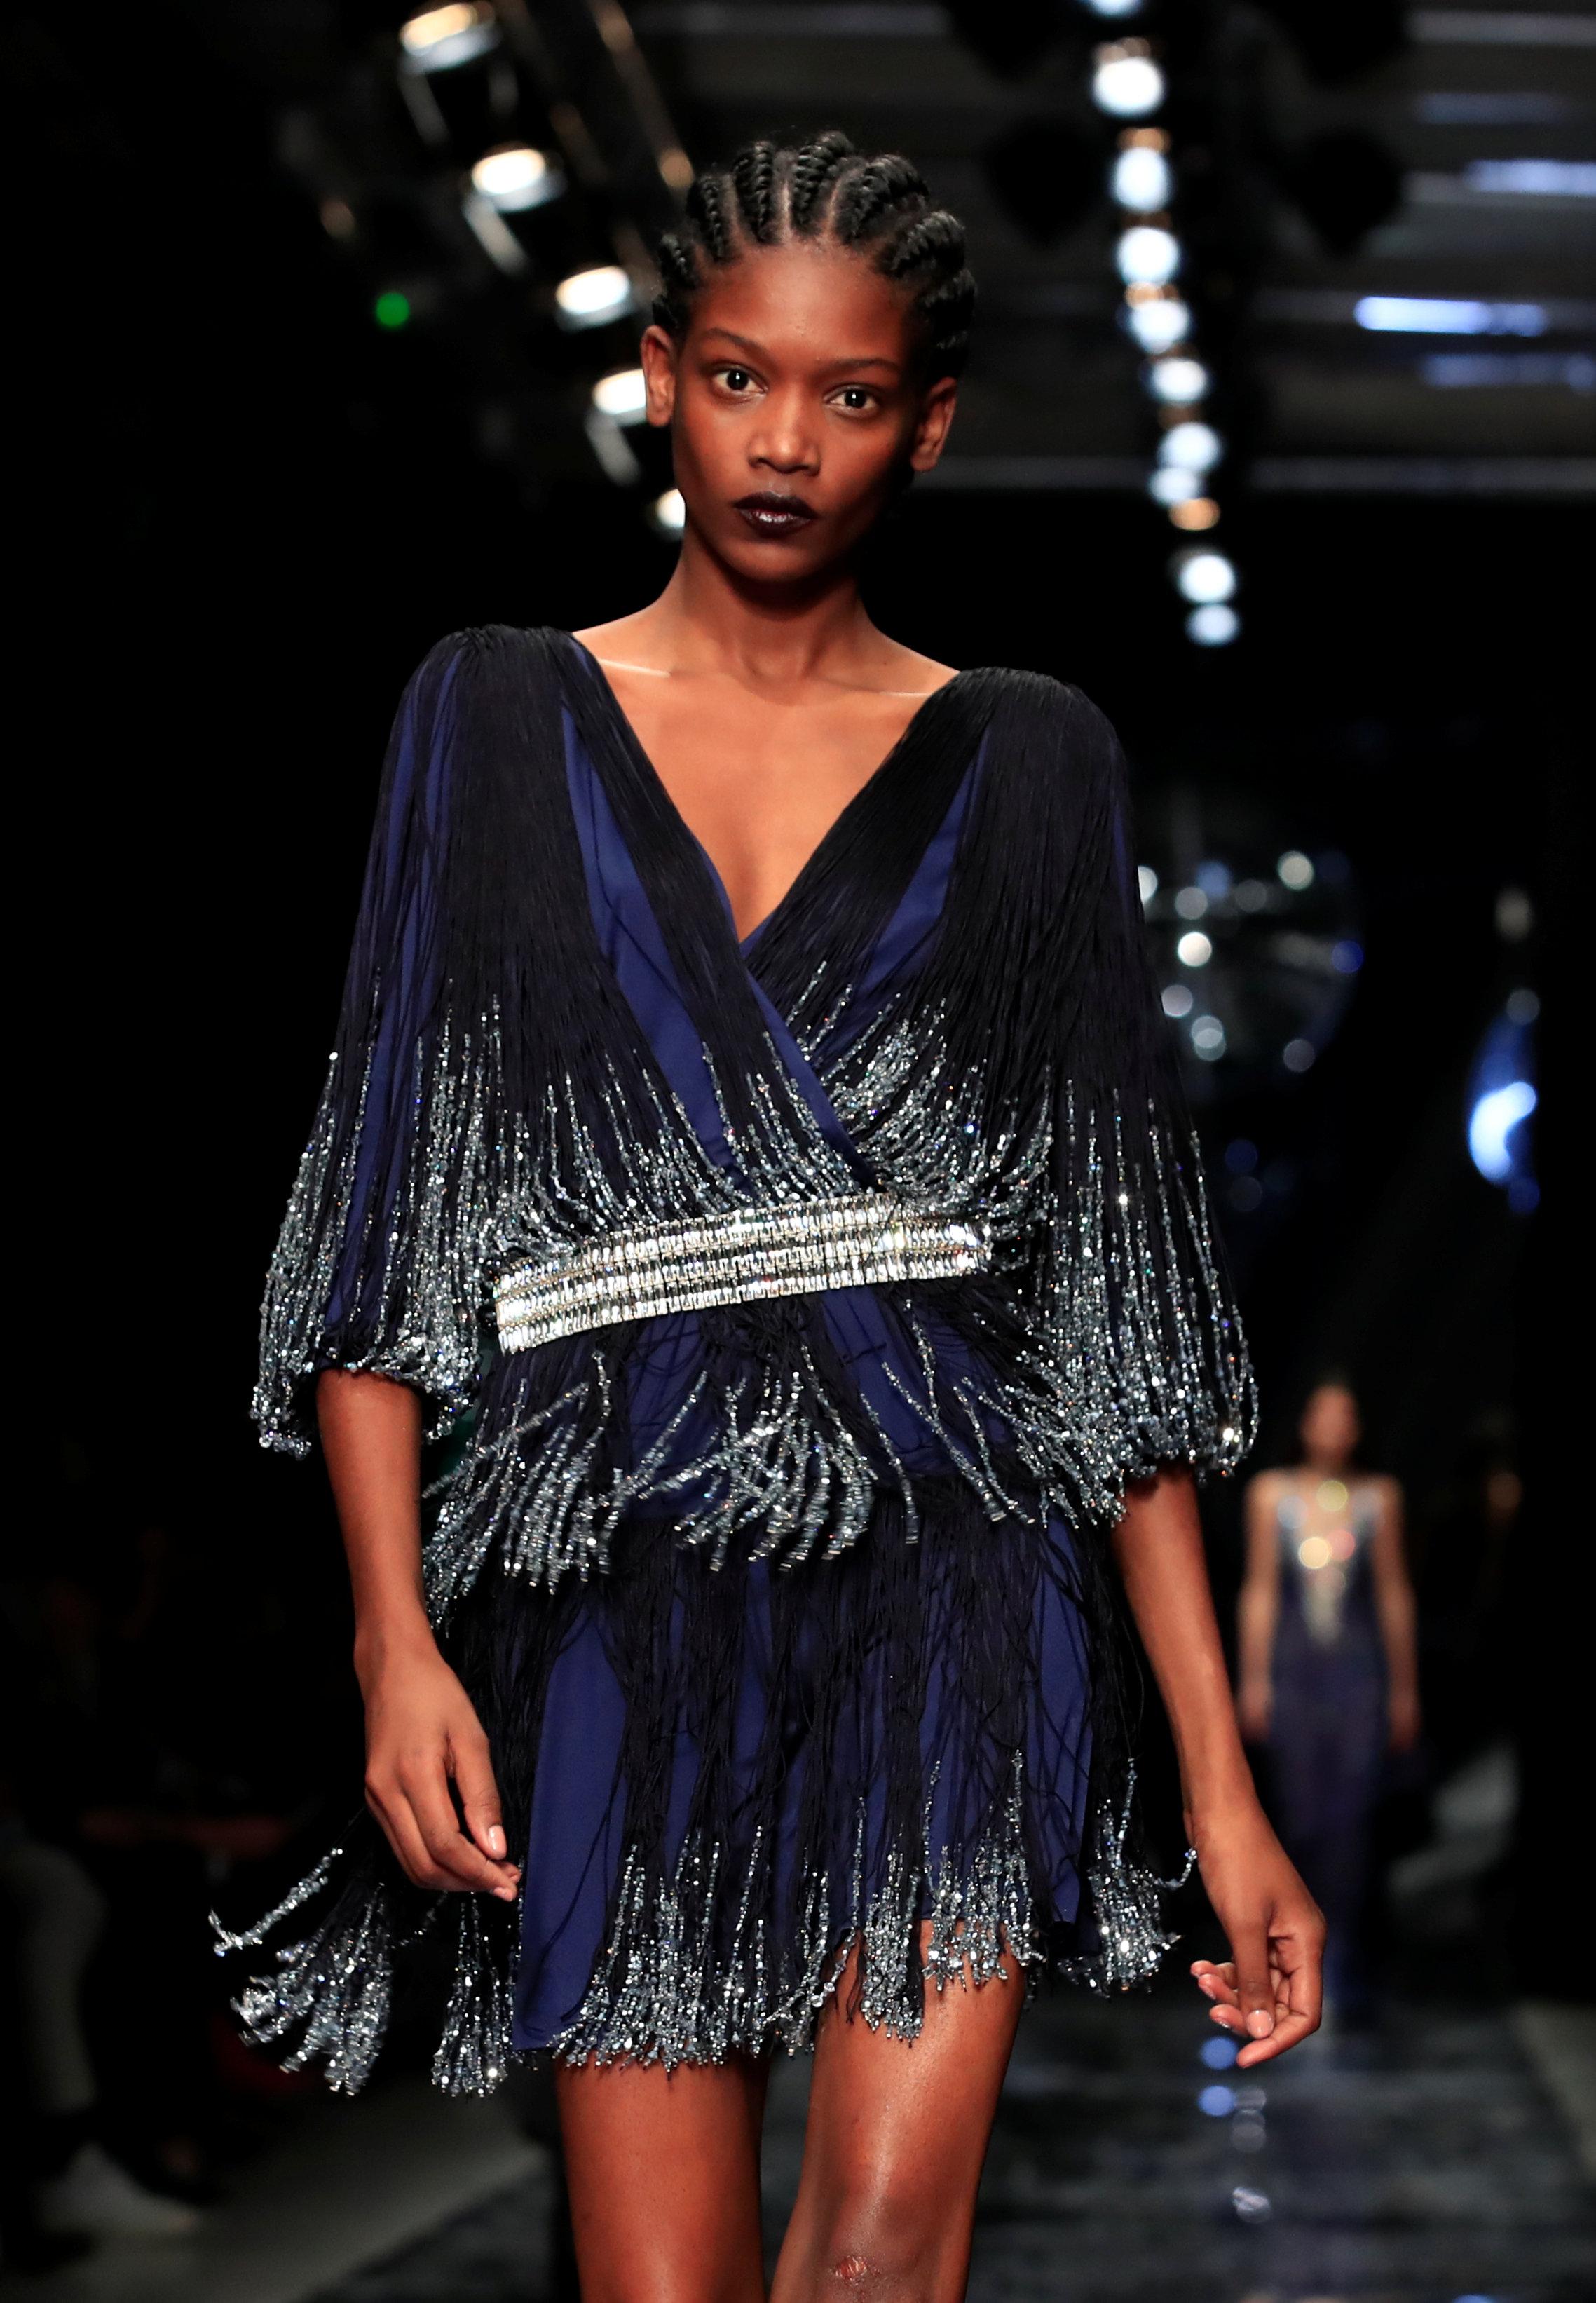 عرض أزياء ماكسيم سيمنز خلال أسبوع الموضة بباريس (15)